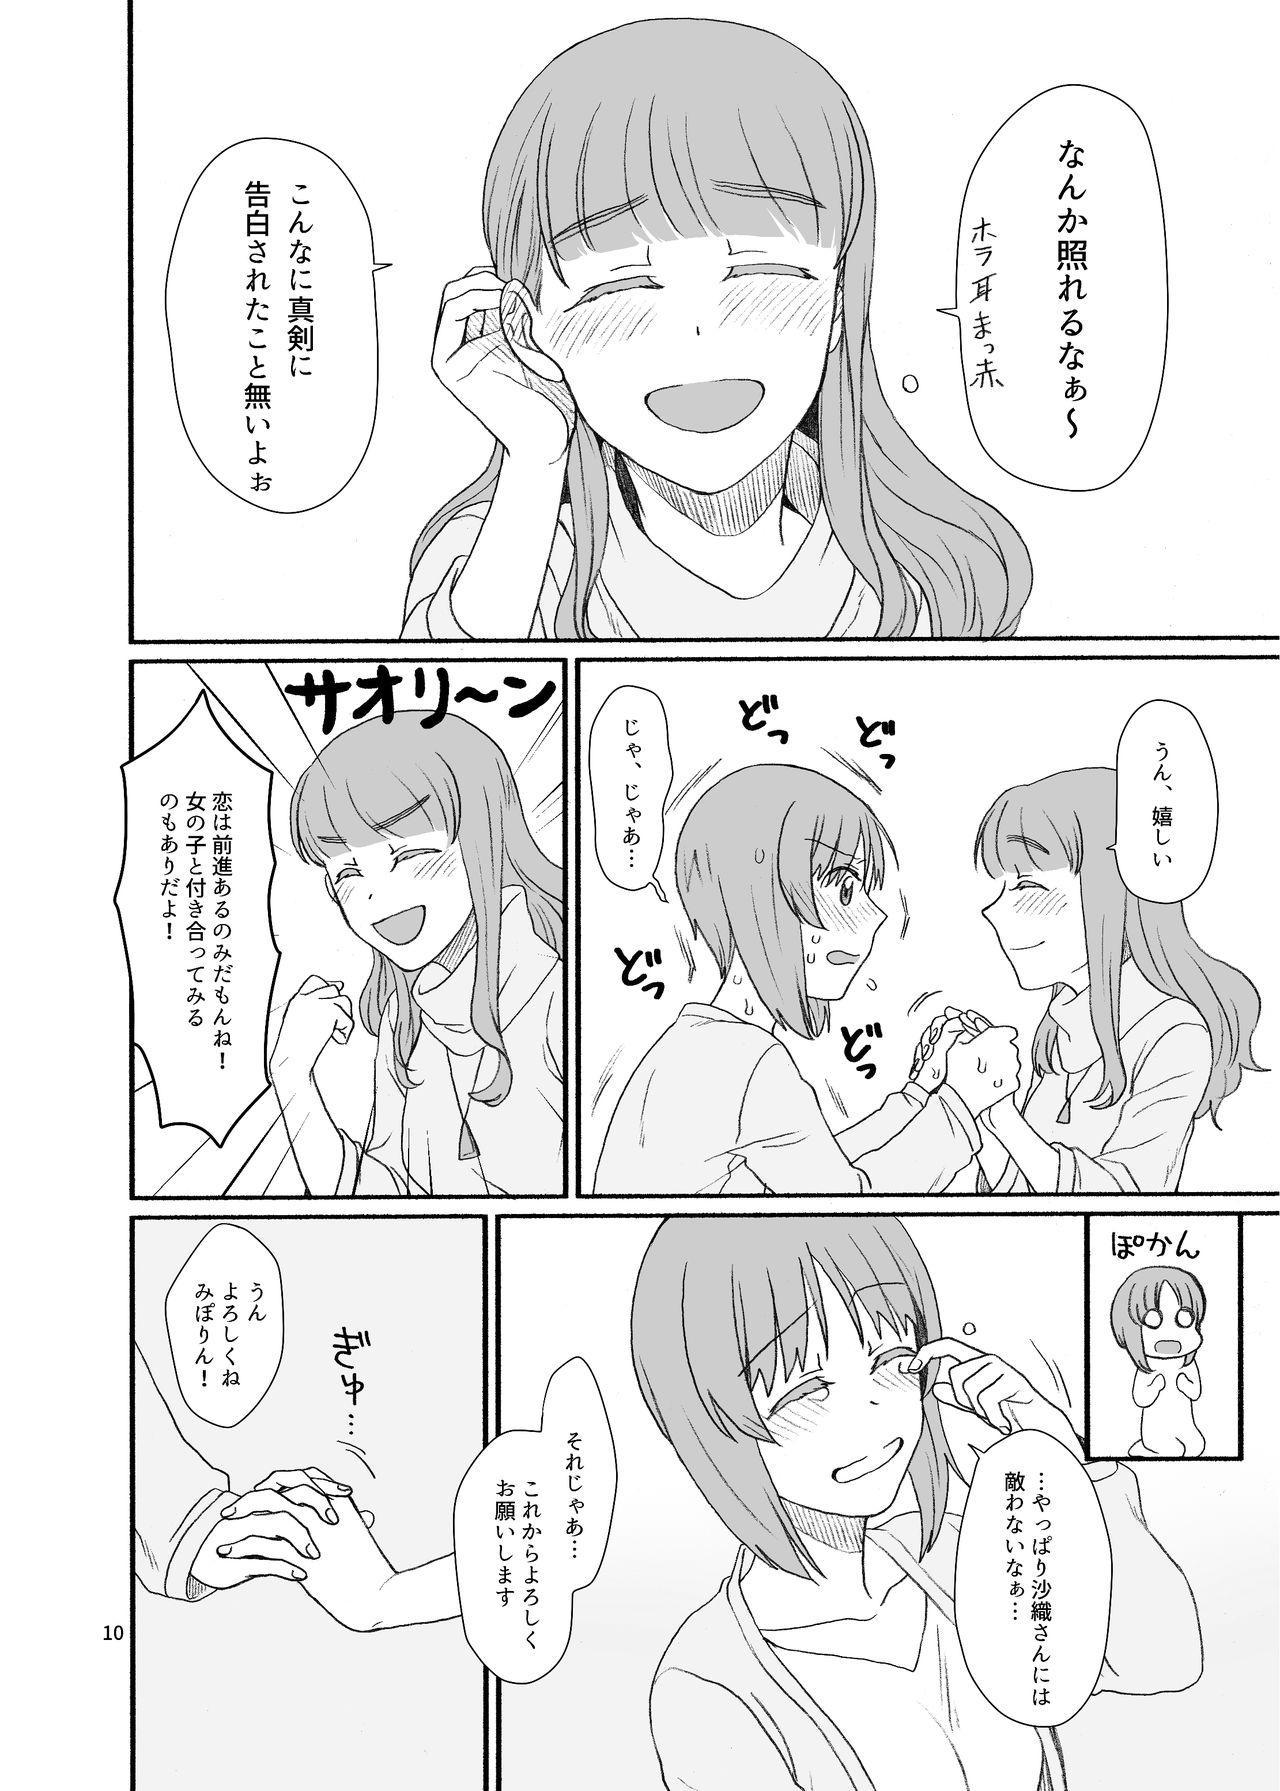 Saori-san, Tsukiatte Kudasai! 8